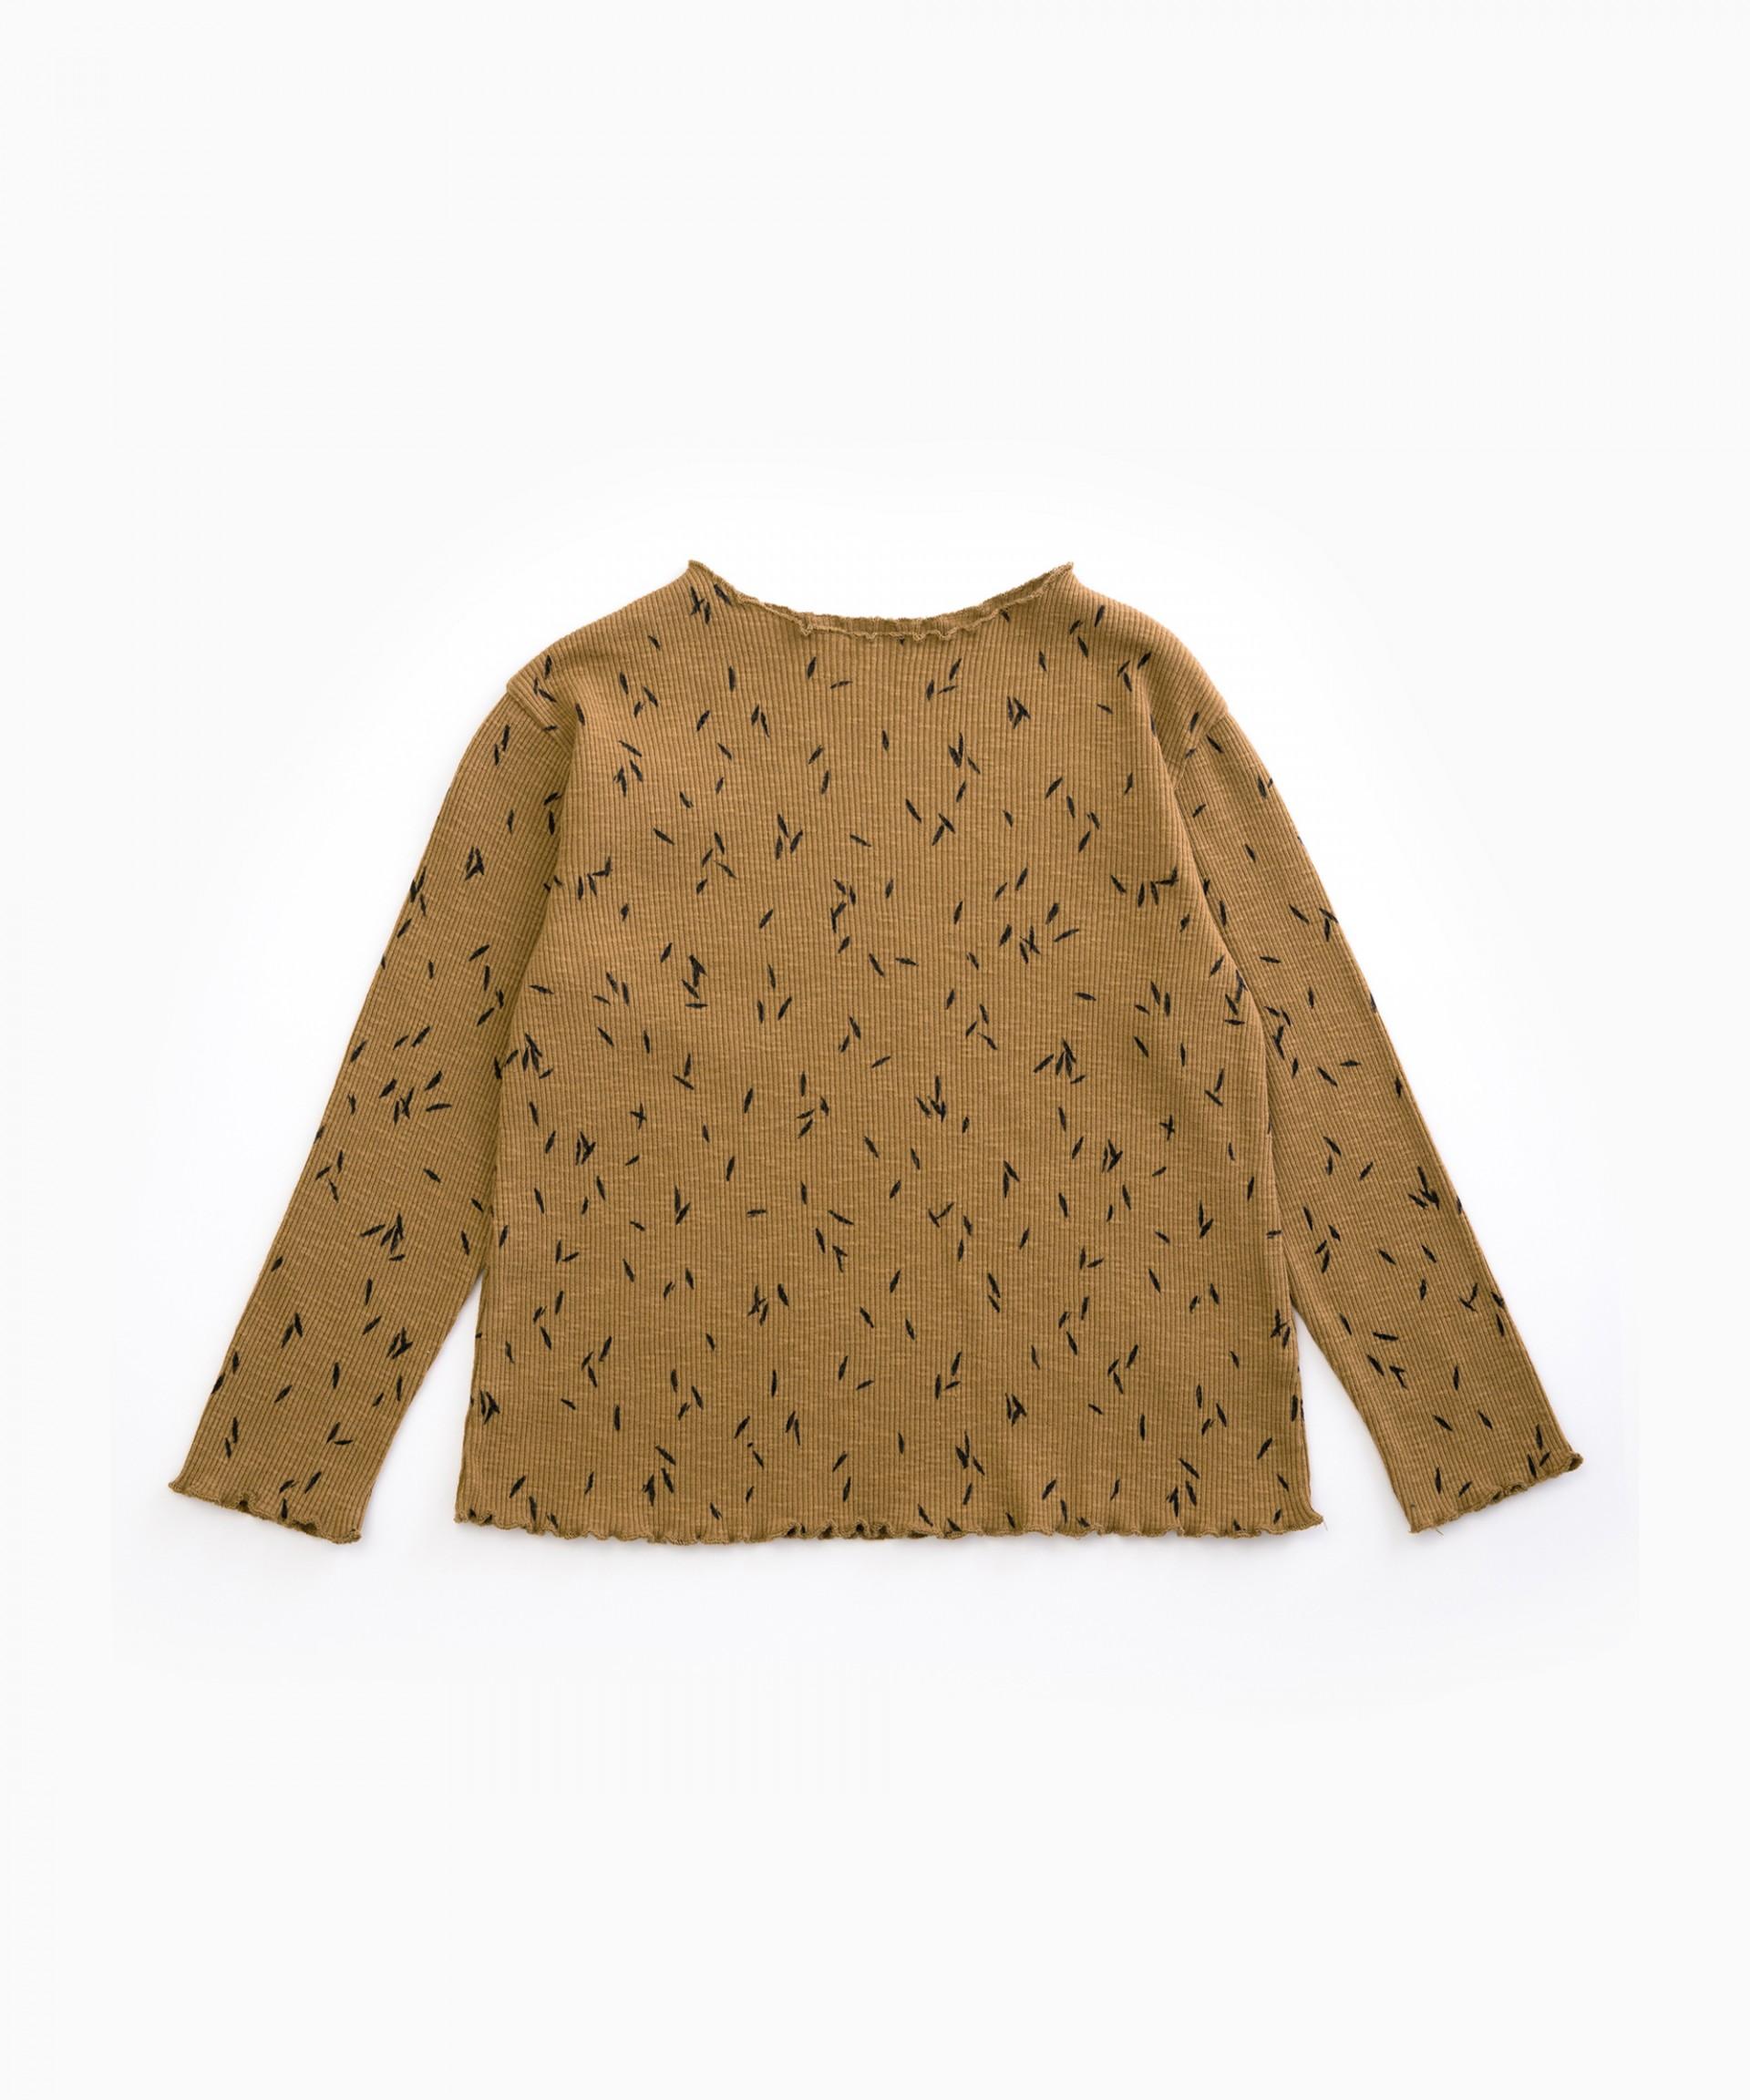 Camiseta con estampado de hojas | Woodwork